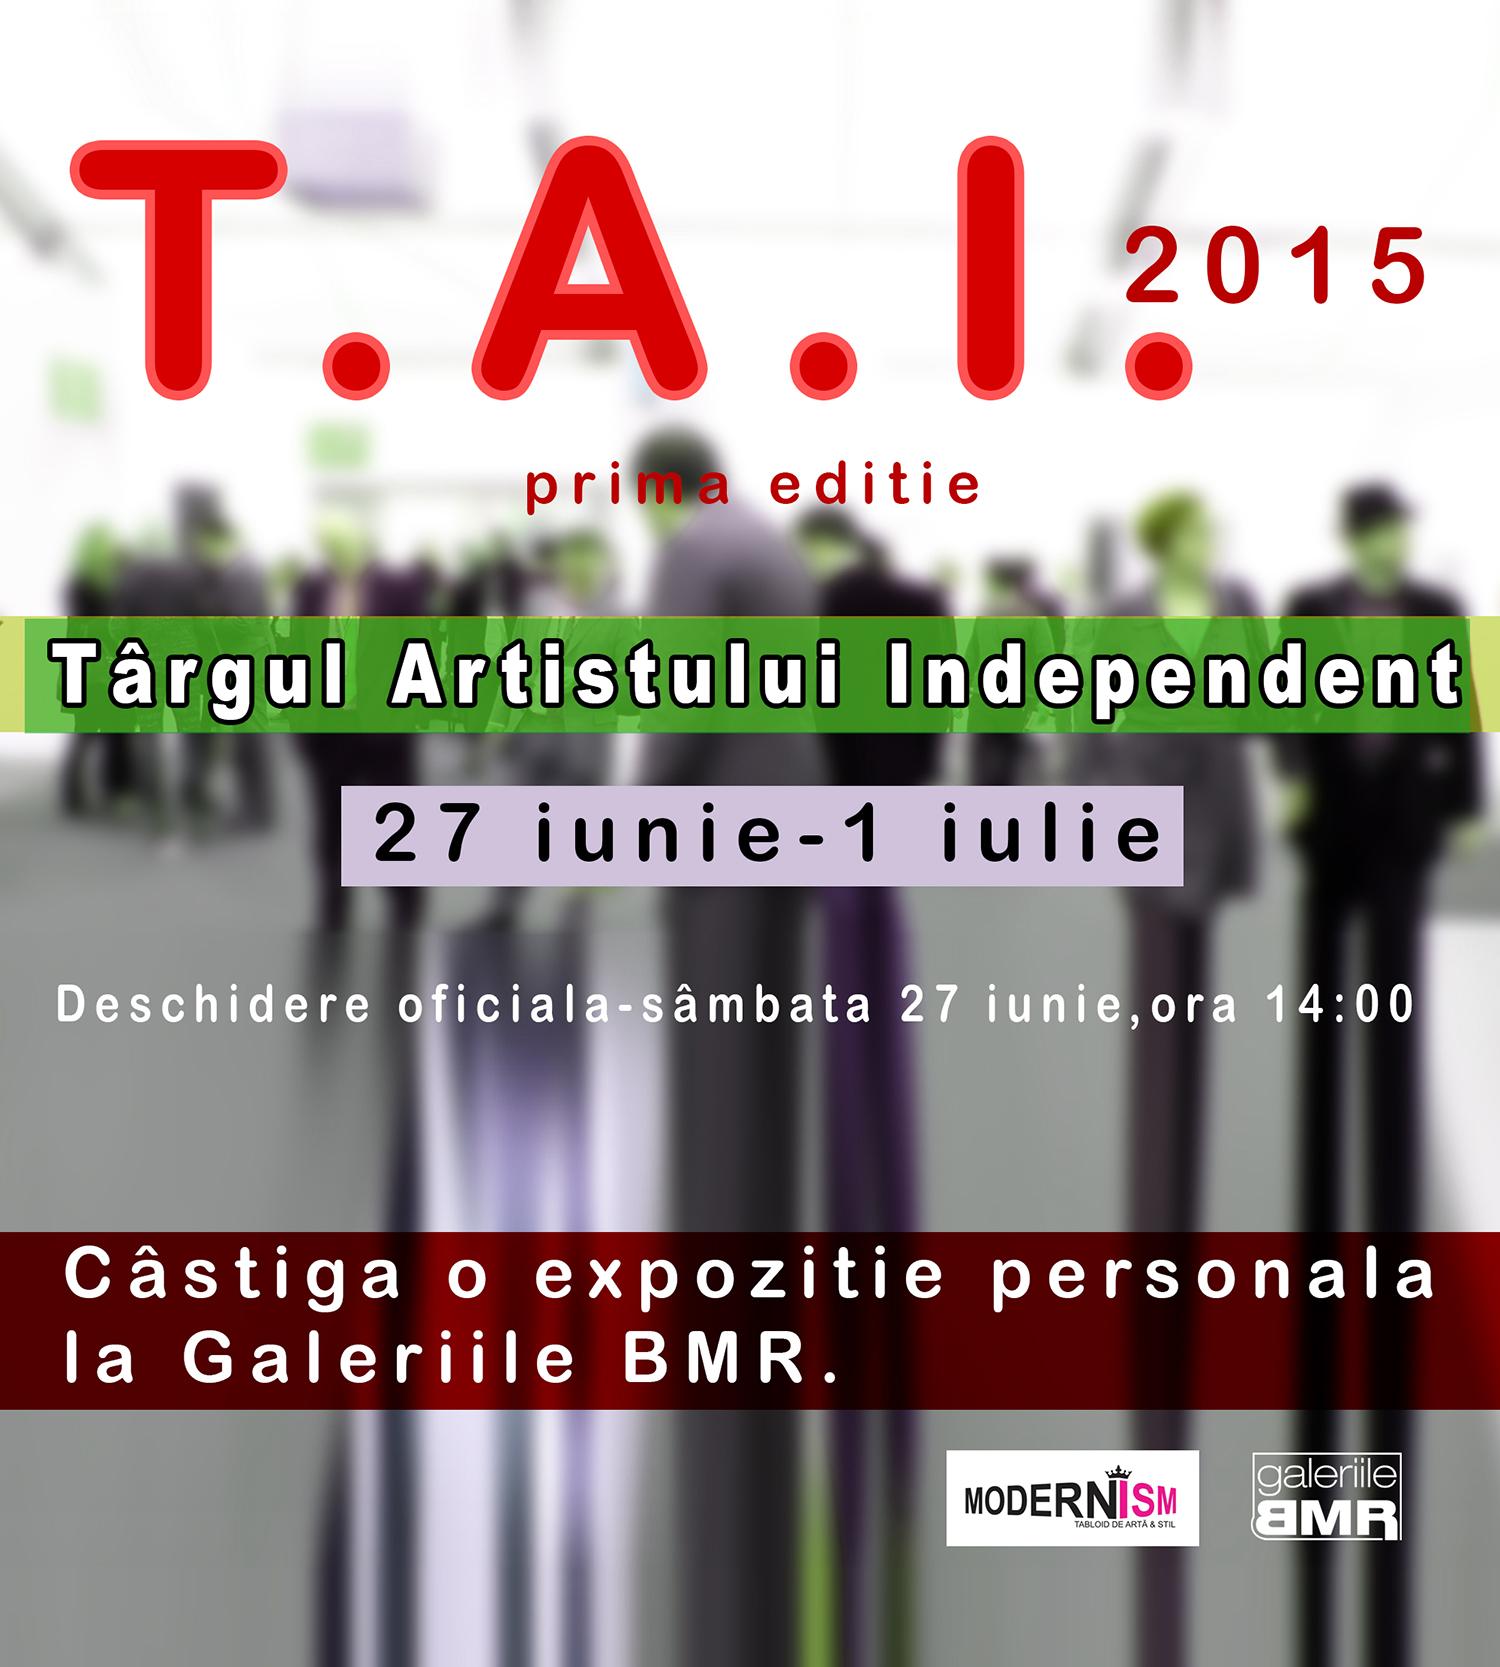 Targul Artistului Independent @ Galeriile BMR, Bucuresti